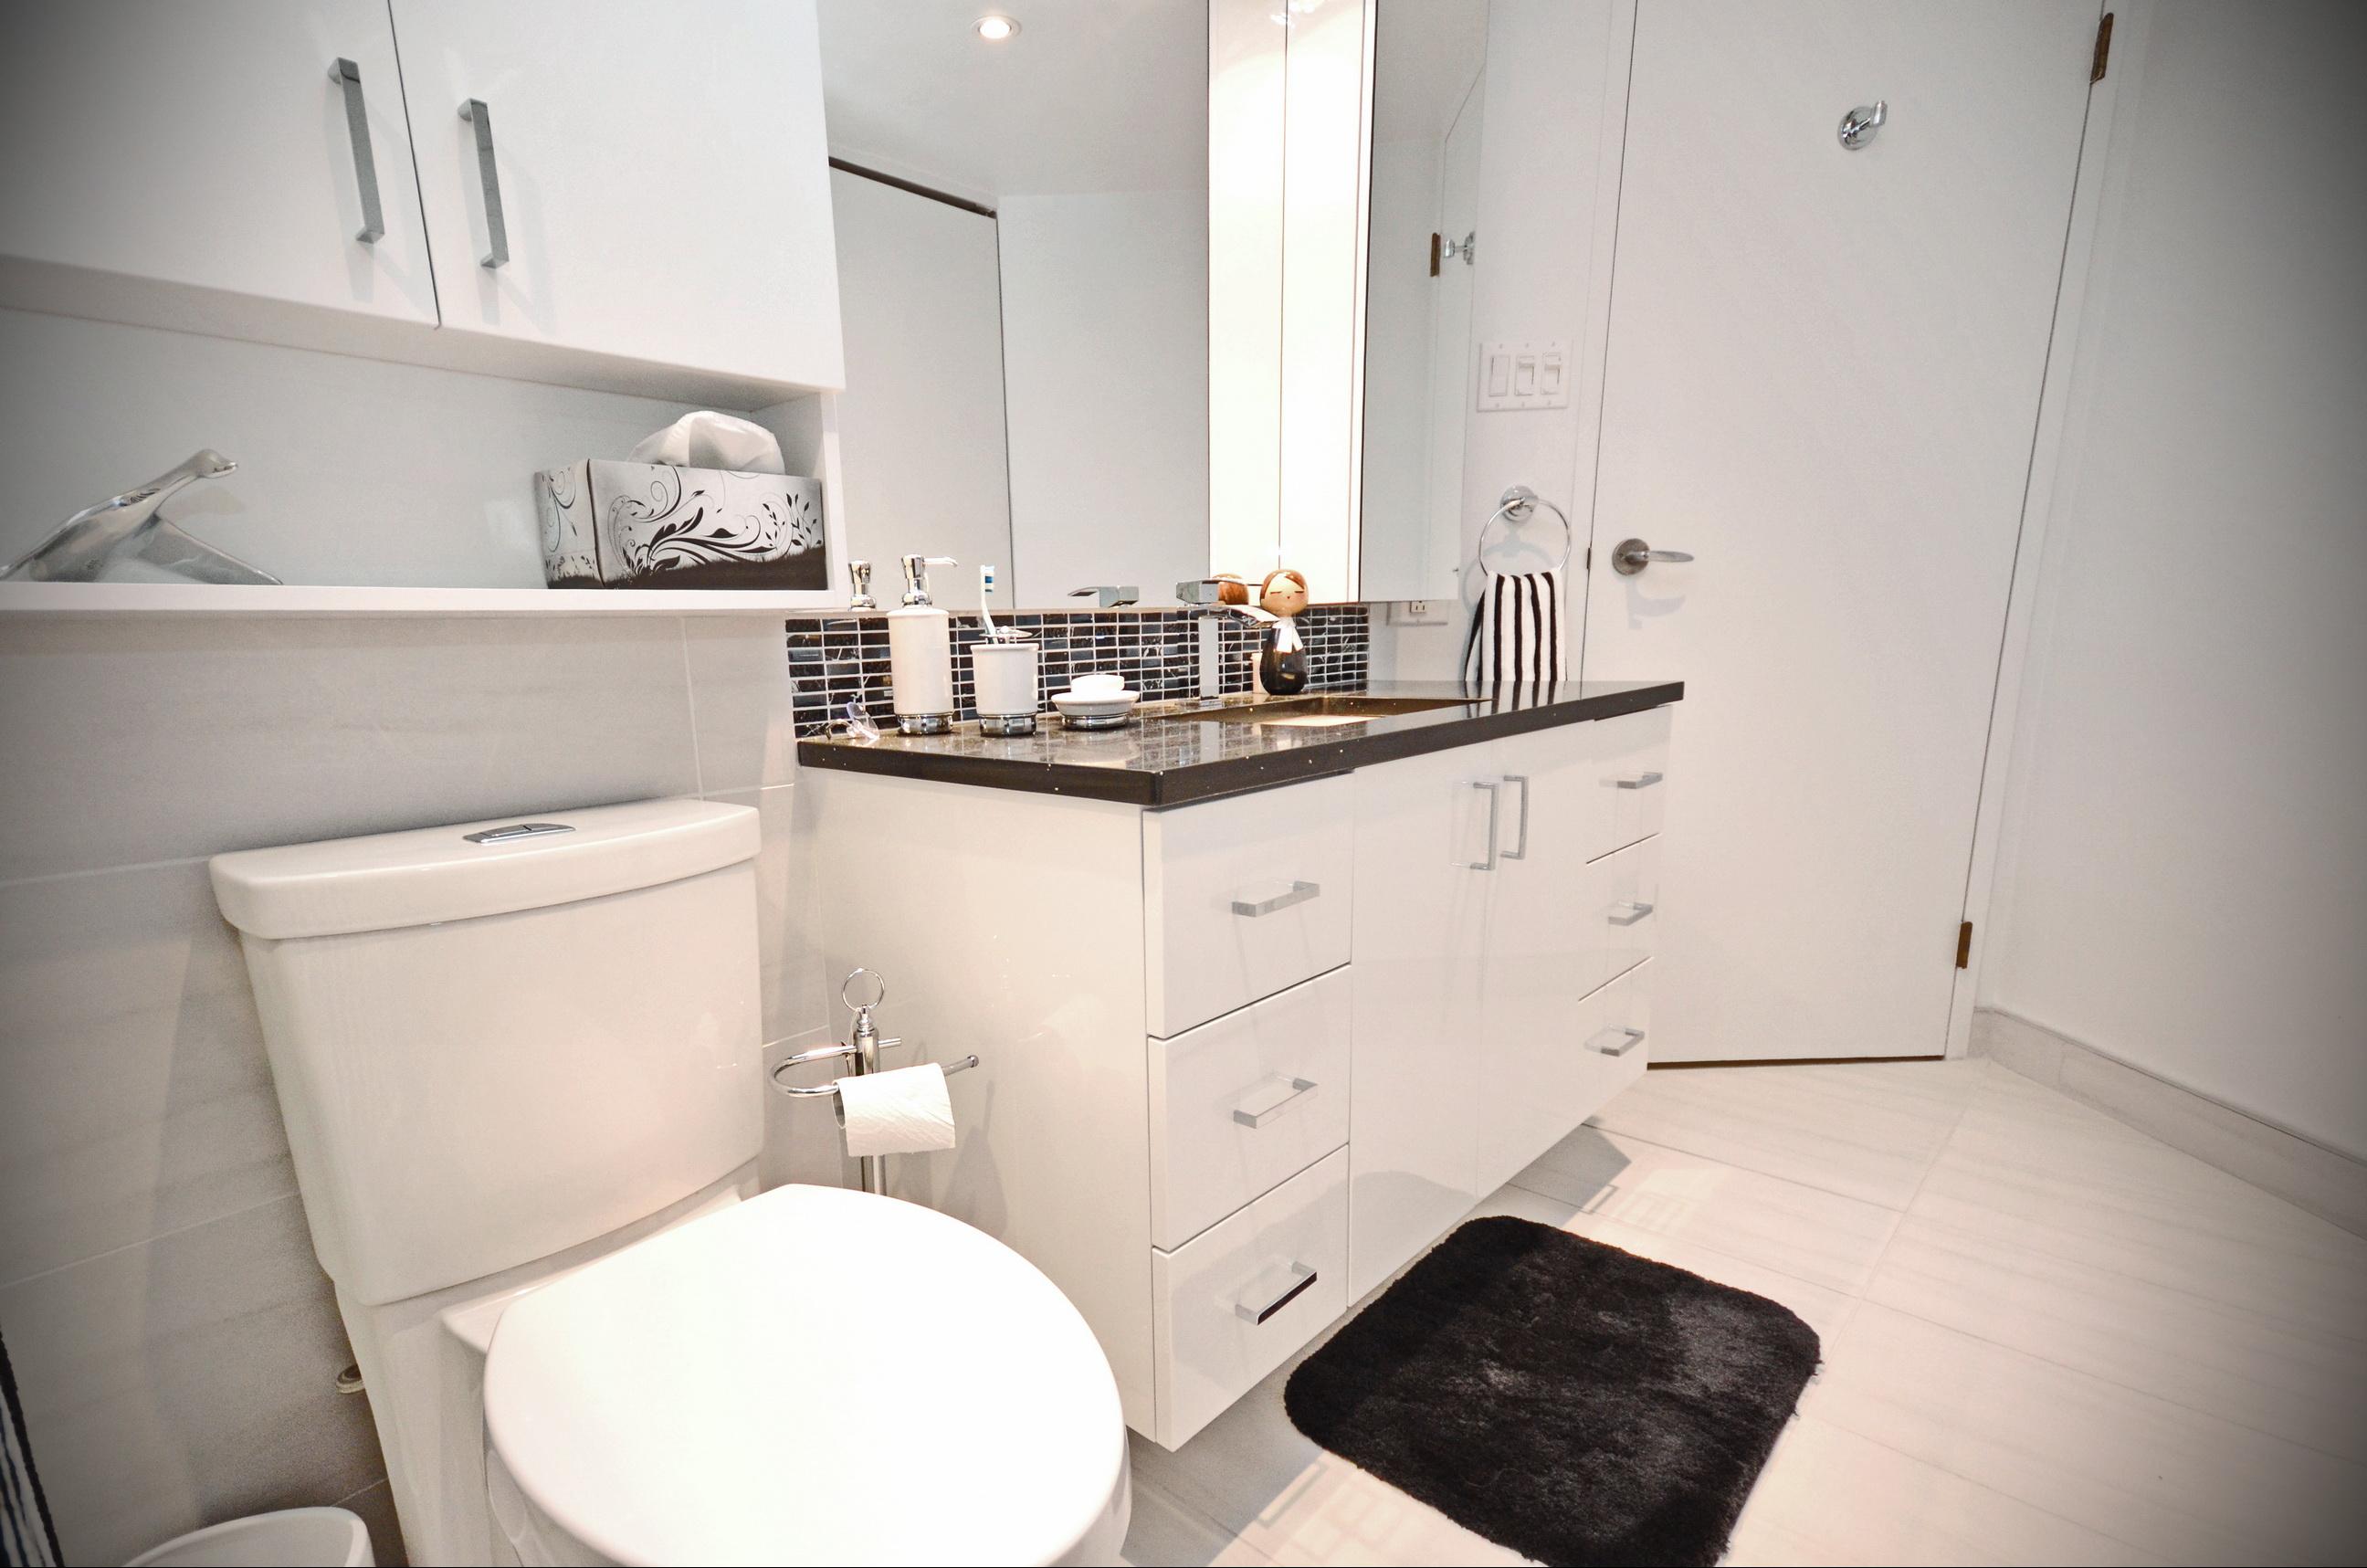 Cout d une salle de bain prix de r novation d 39 une for Cout salle de bain